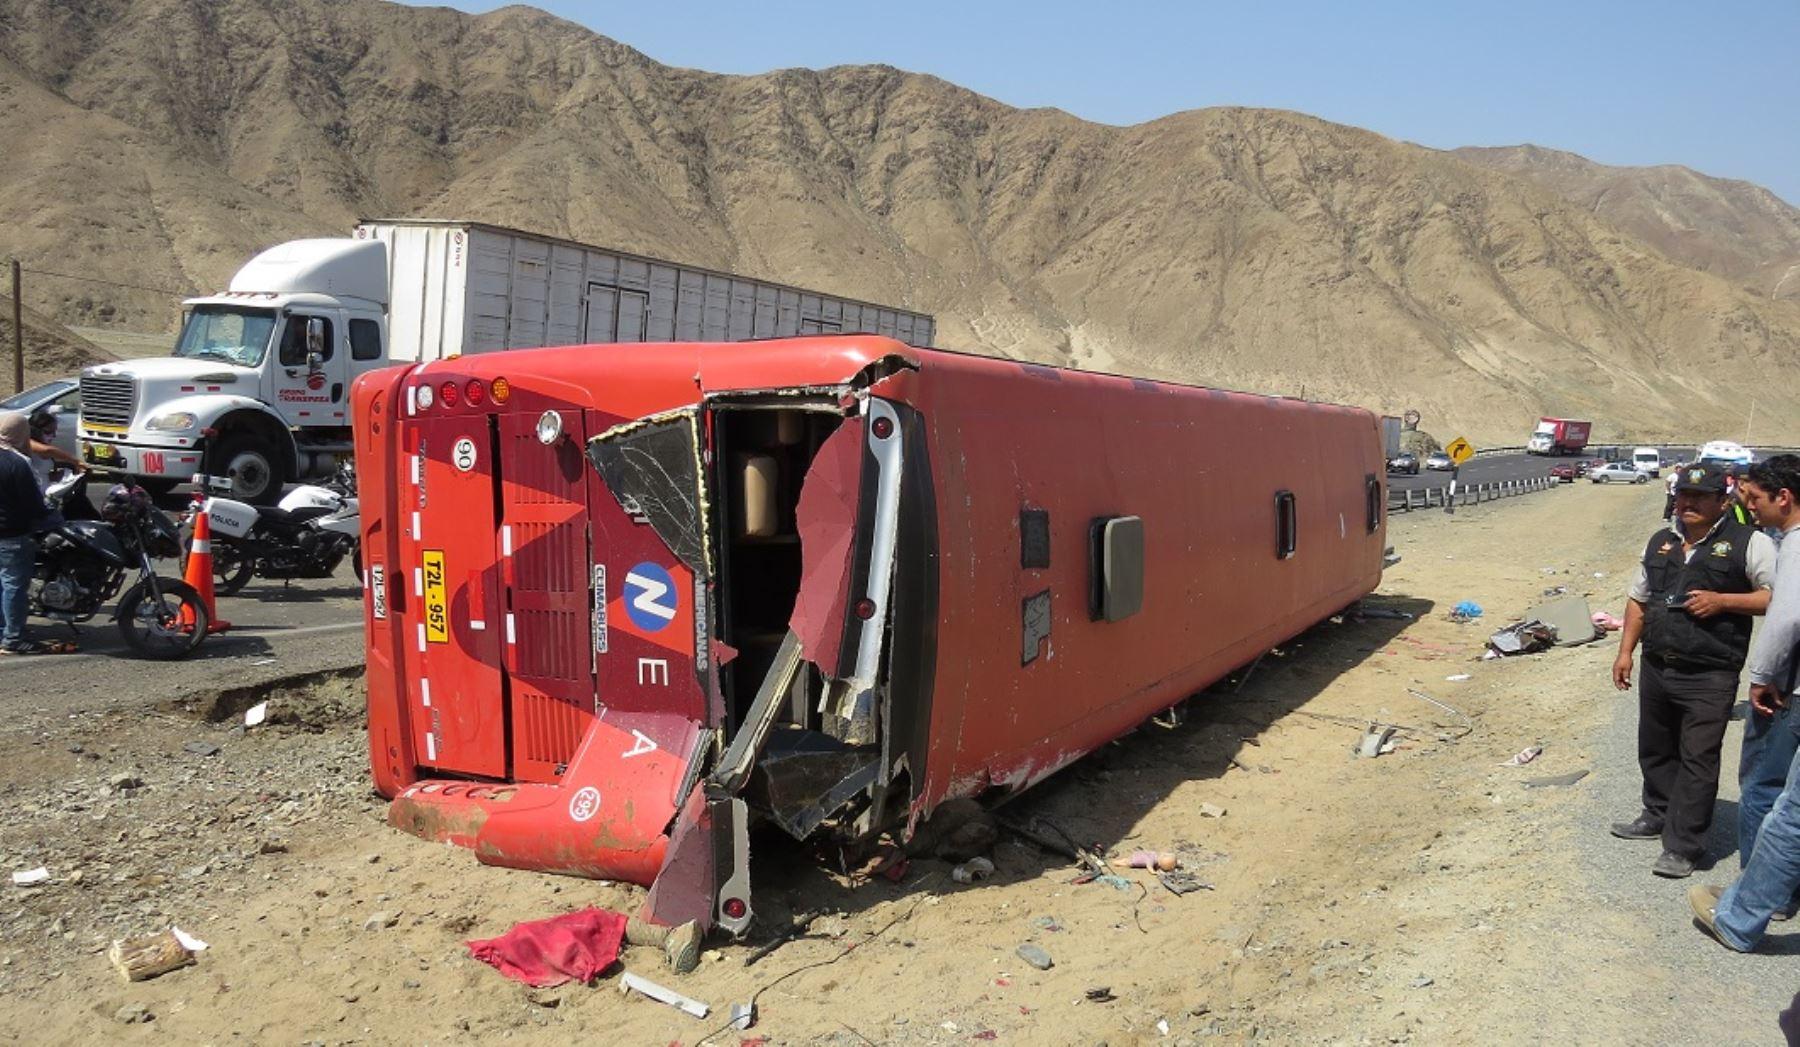 El despiste y la volcadura de un bus de transporte interprovincial de pasajeros, hoy a la altura del kilómetro 435 de la Panamericana Norte, en la región La Libertad, dejaron un saldo lamentable de 15 fallecidos y un número similar de heridos